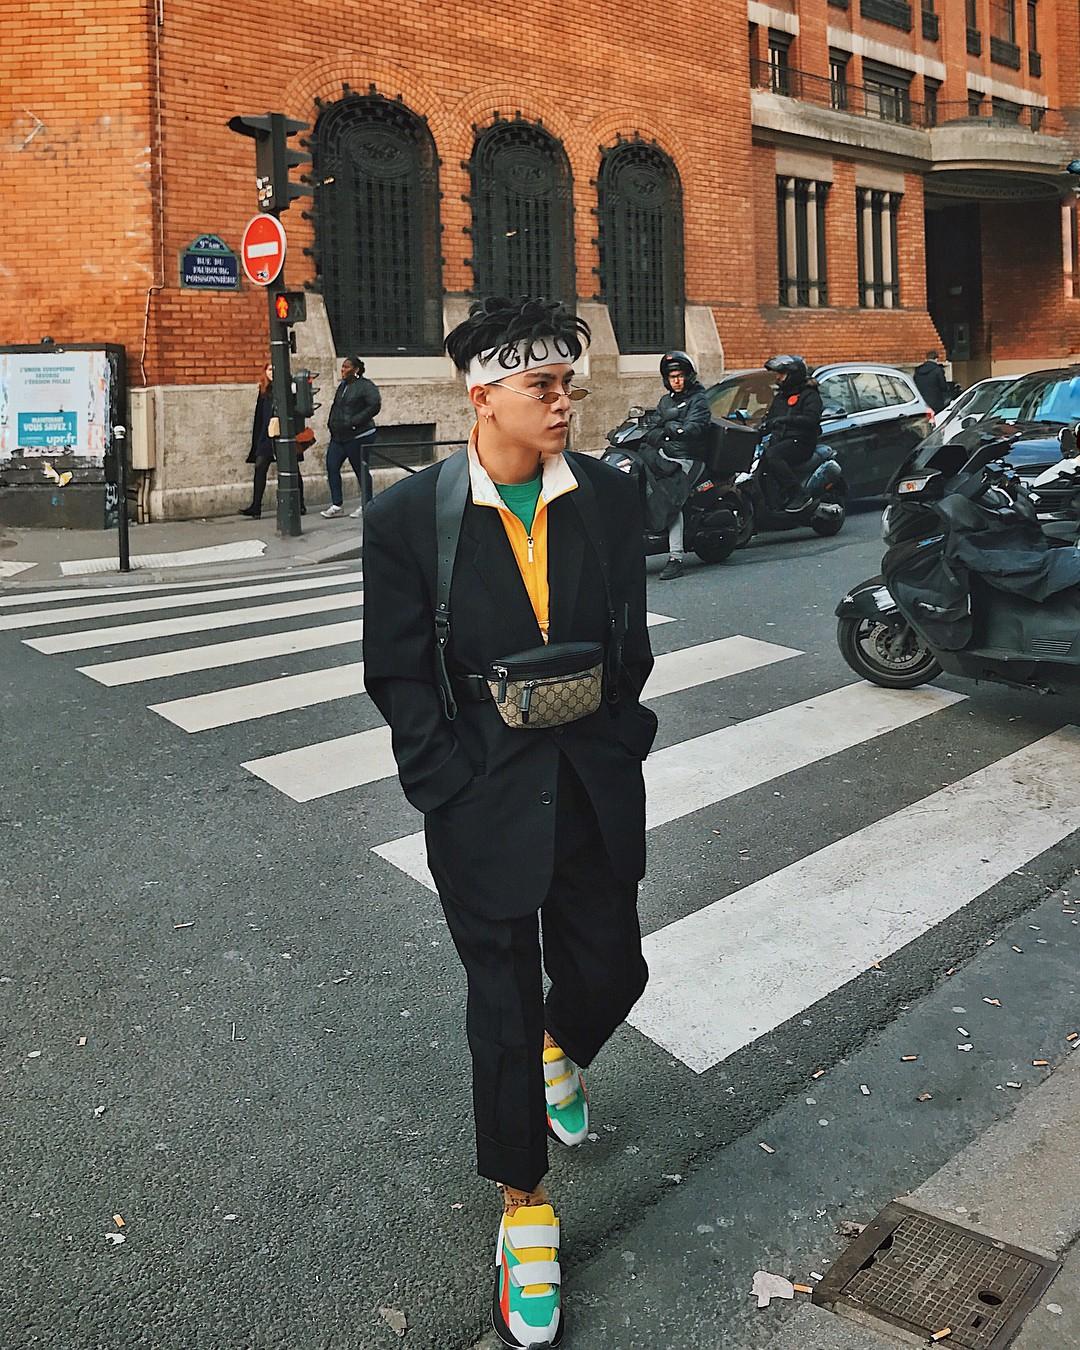 Decao mặc đồ chất tới nỗi chuyên trang Highsnobiety phải repost ảnh và khen tới tấp trên Instagram - Ảnh 2.